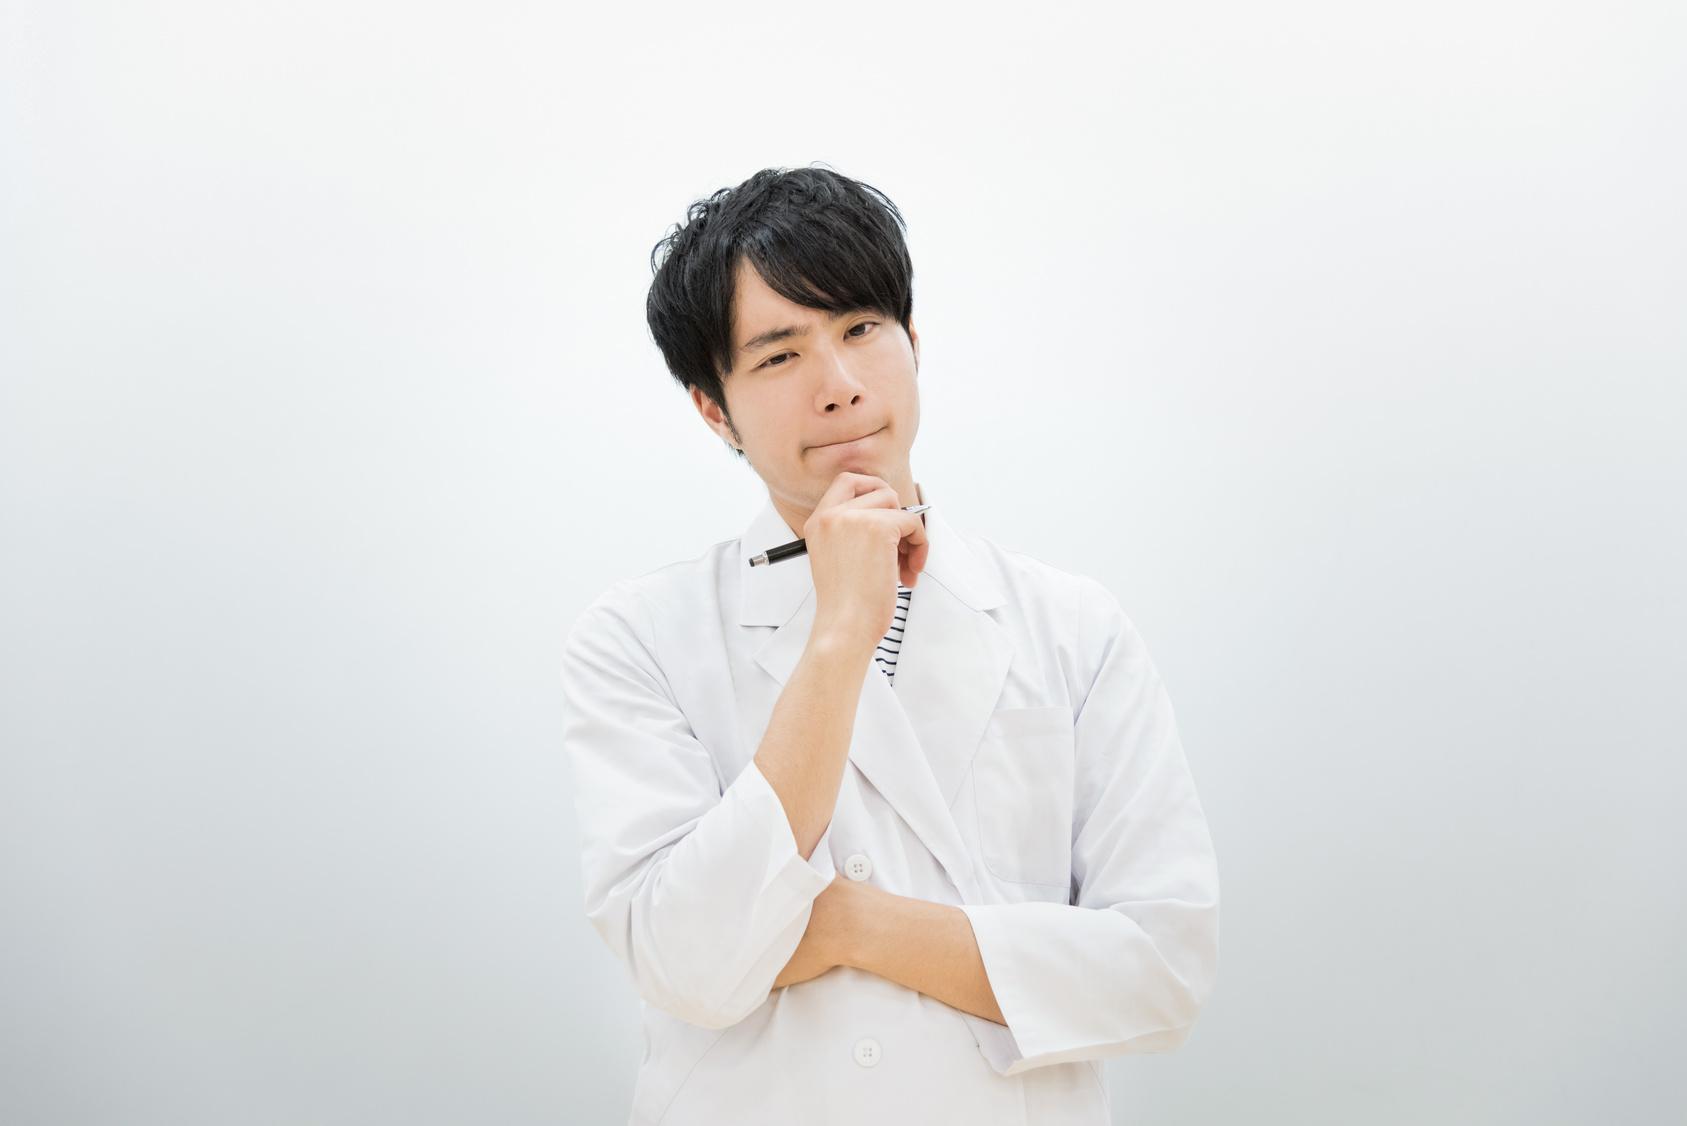 医者・研究者・学者のイメージ(男性)